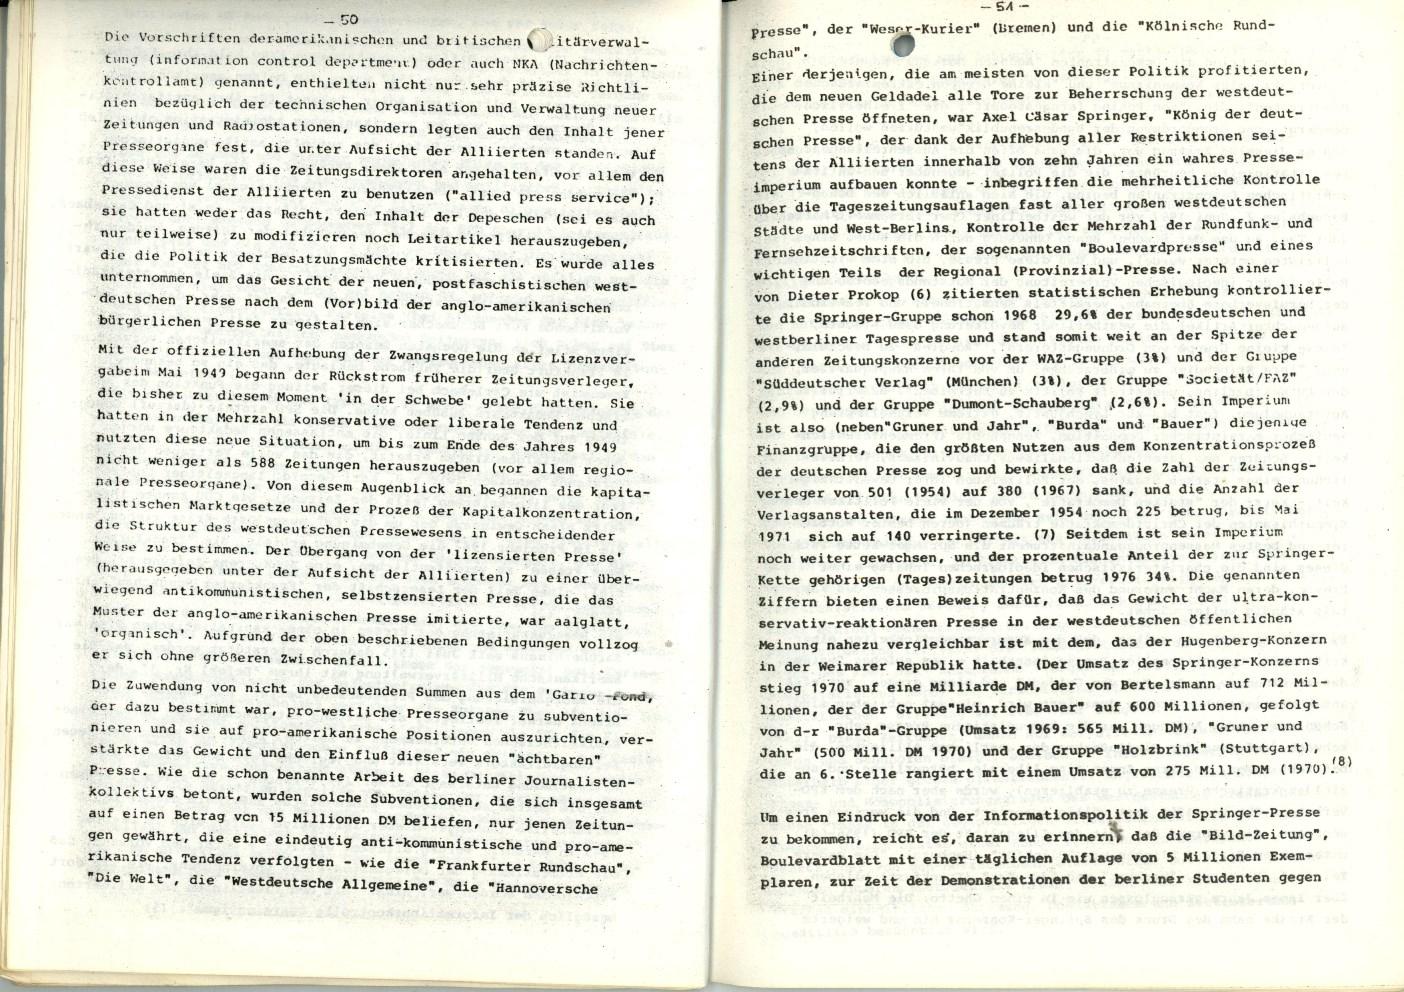 Hamburg_Vorbereitungsgruppe_Russell_Tribunal_Zensur_1978_26